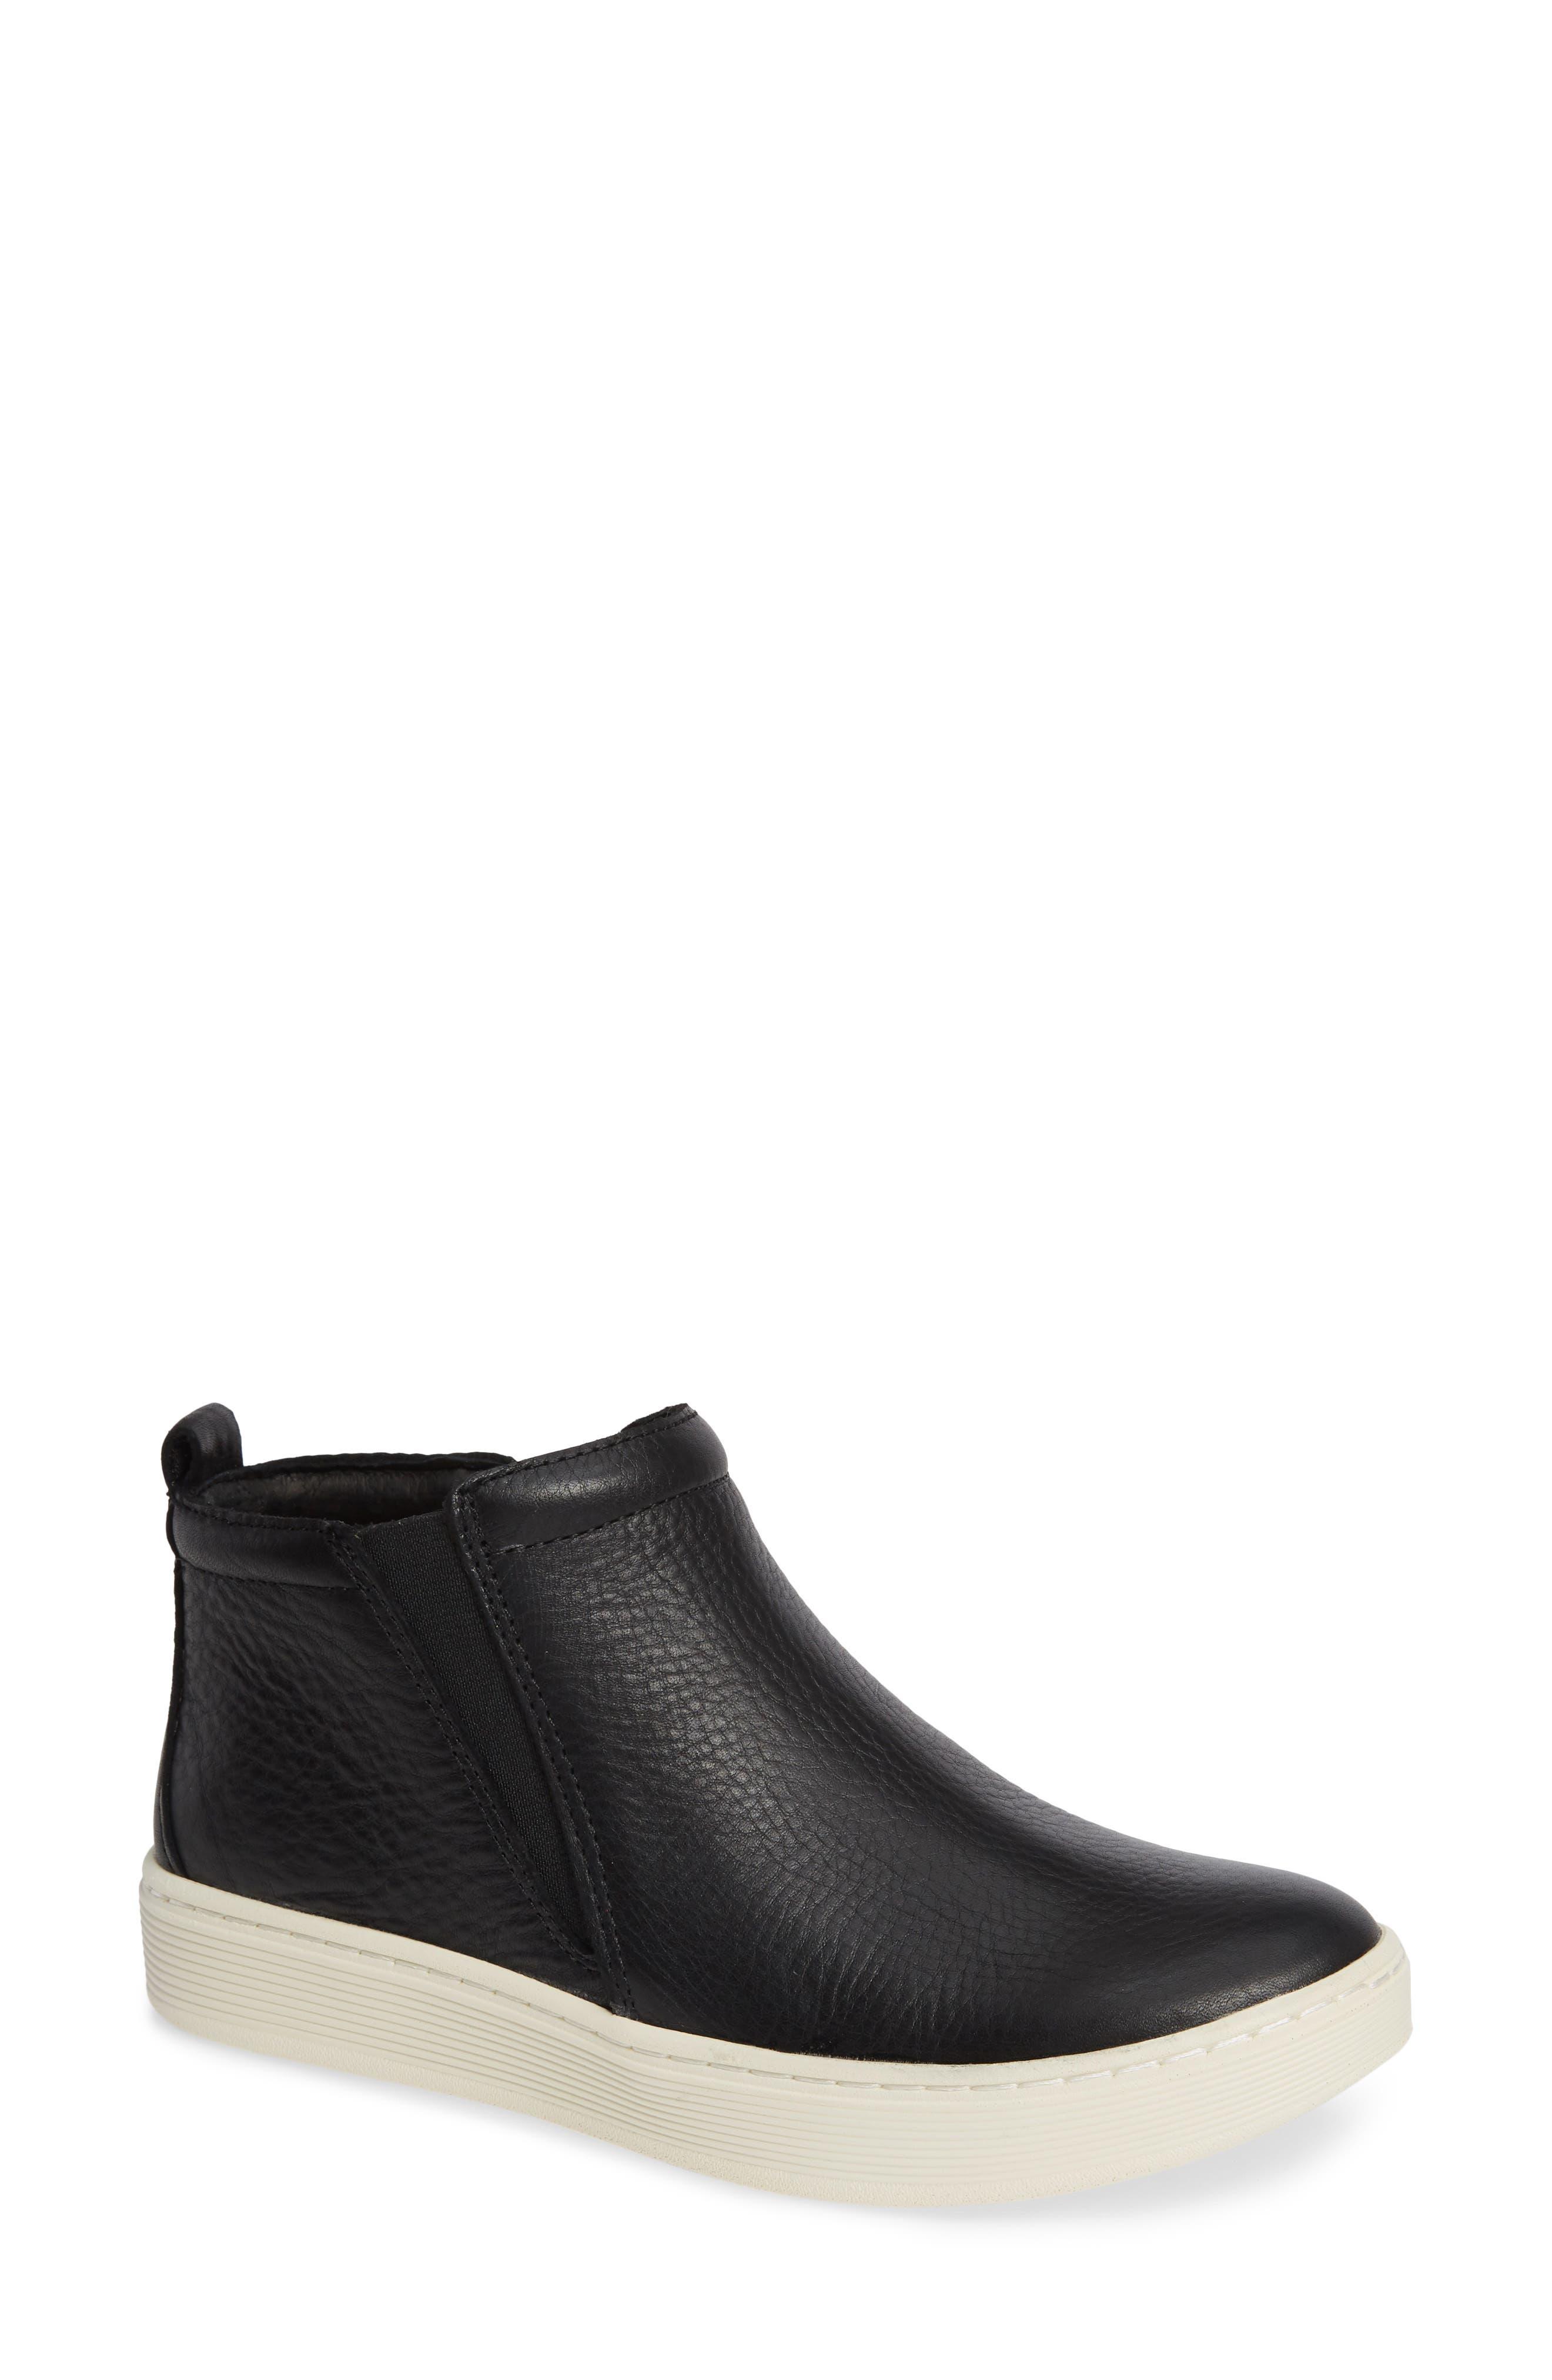 SÖFFT Britton II Waterproof Sneaker Bootie, Main, color, BLACK LEATHER